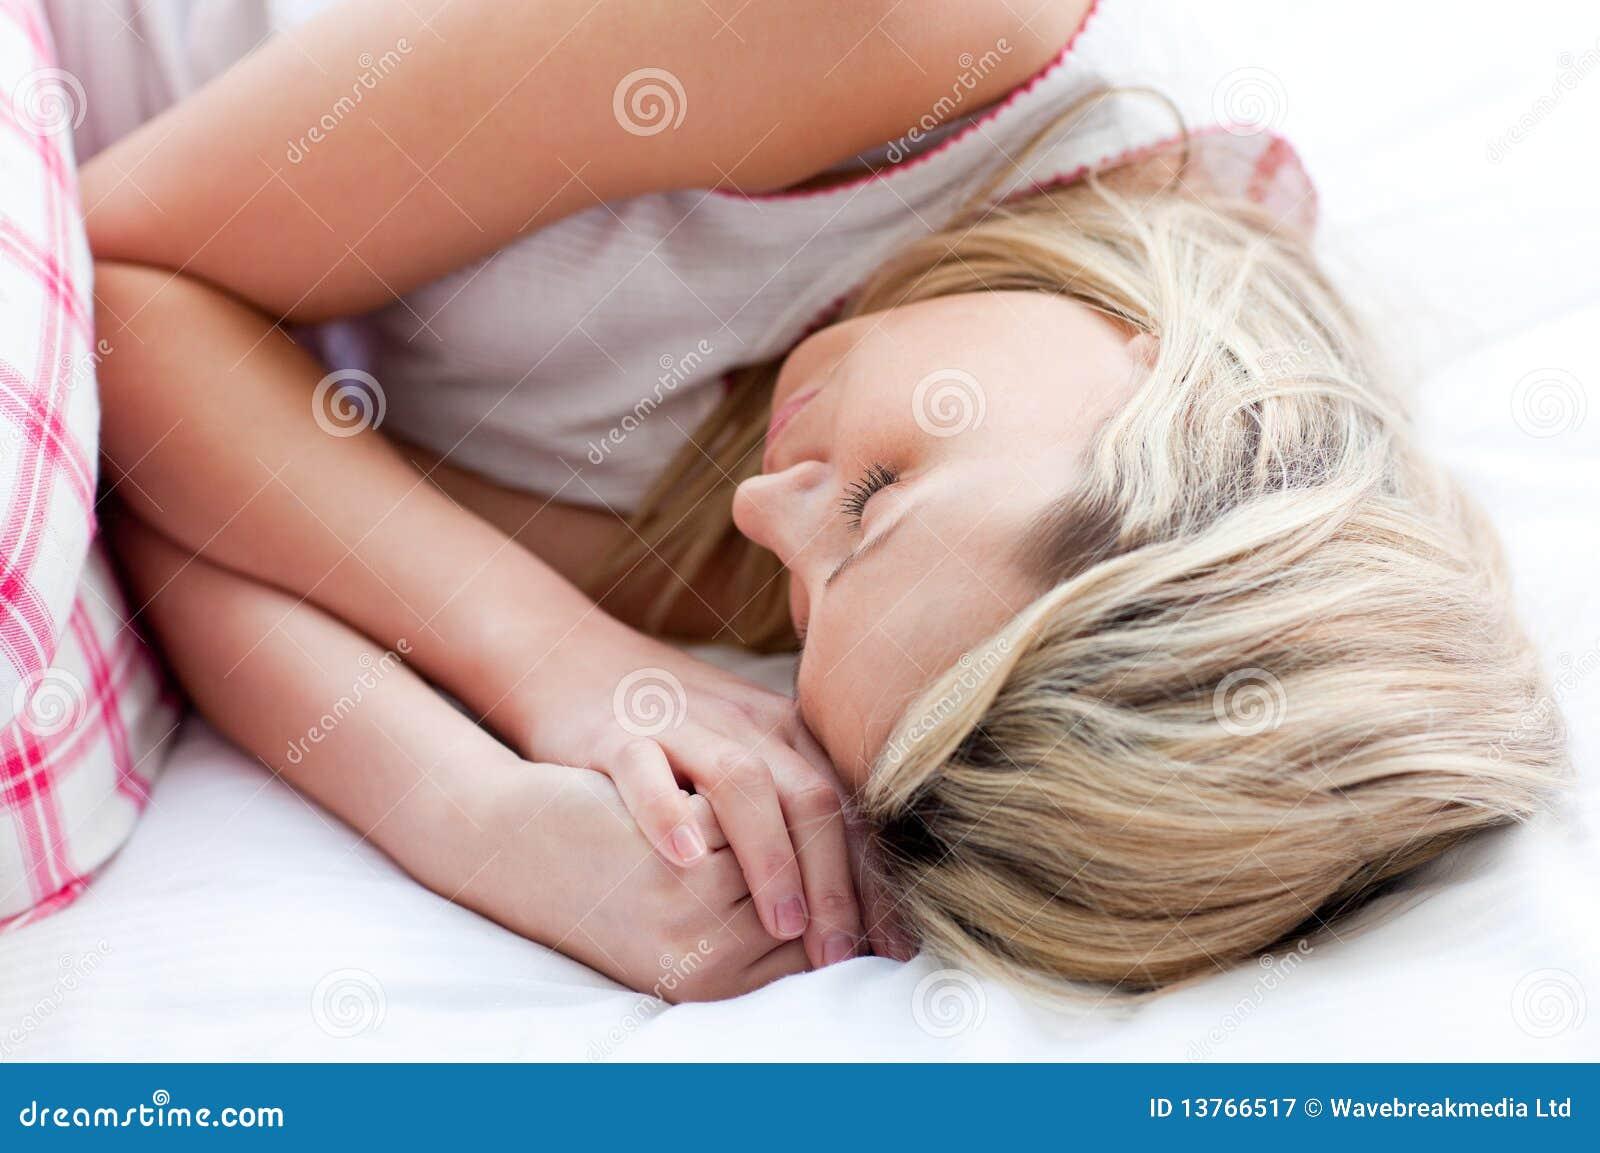 Трахнул красивую сестру пока она спала, У брата и сестры одна комната на двоих - видео ролик 21 фотография